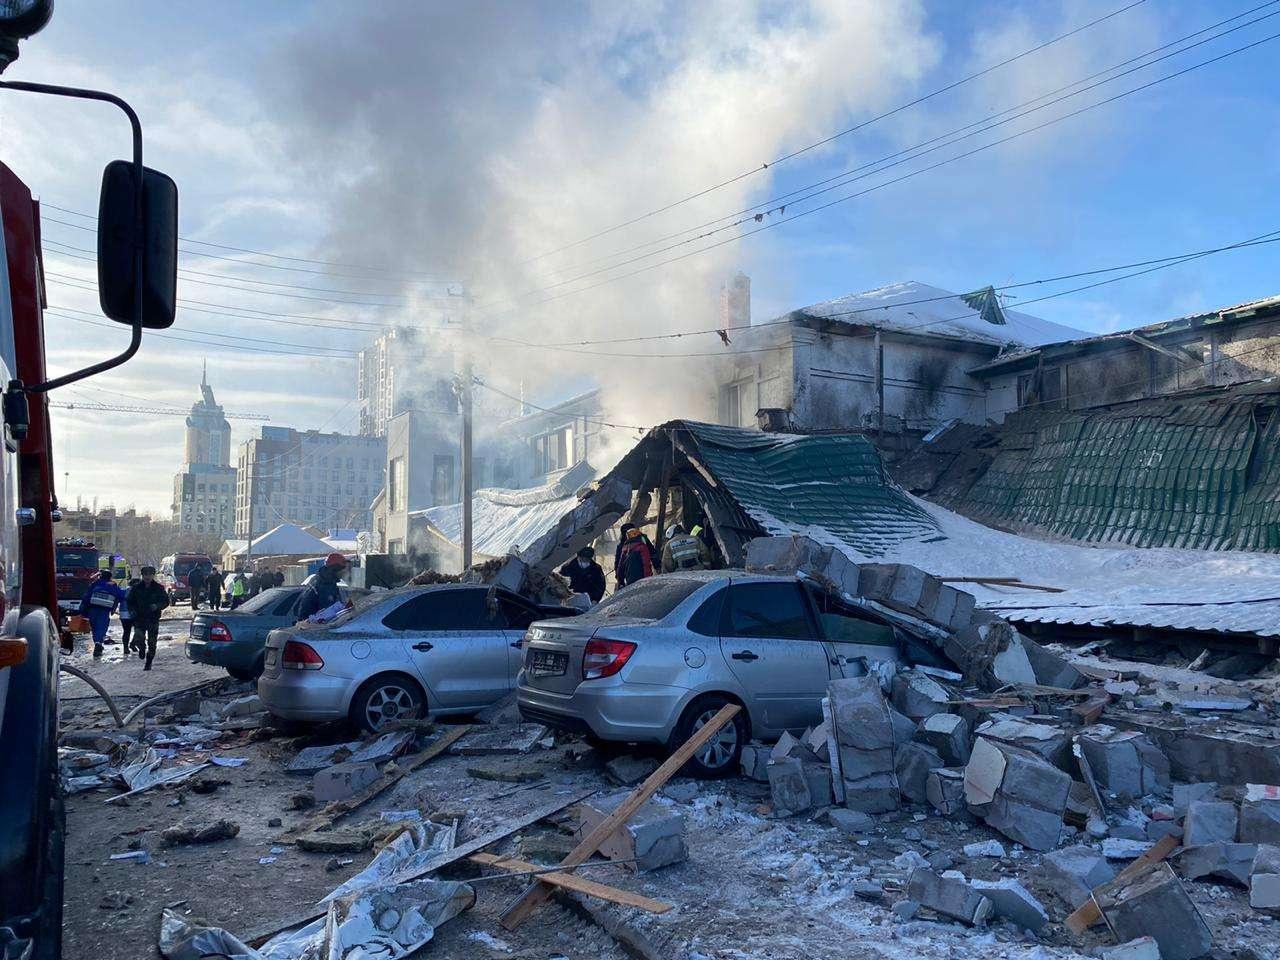 Уголовное дело заведено по факту взрыва кафе в Нур-Султане